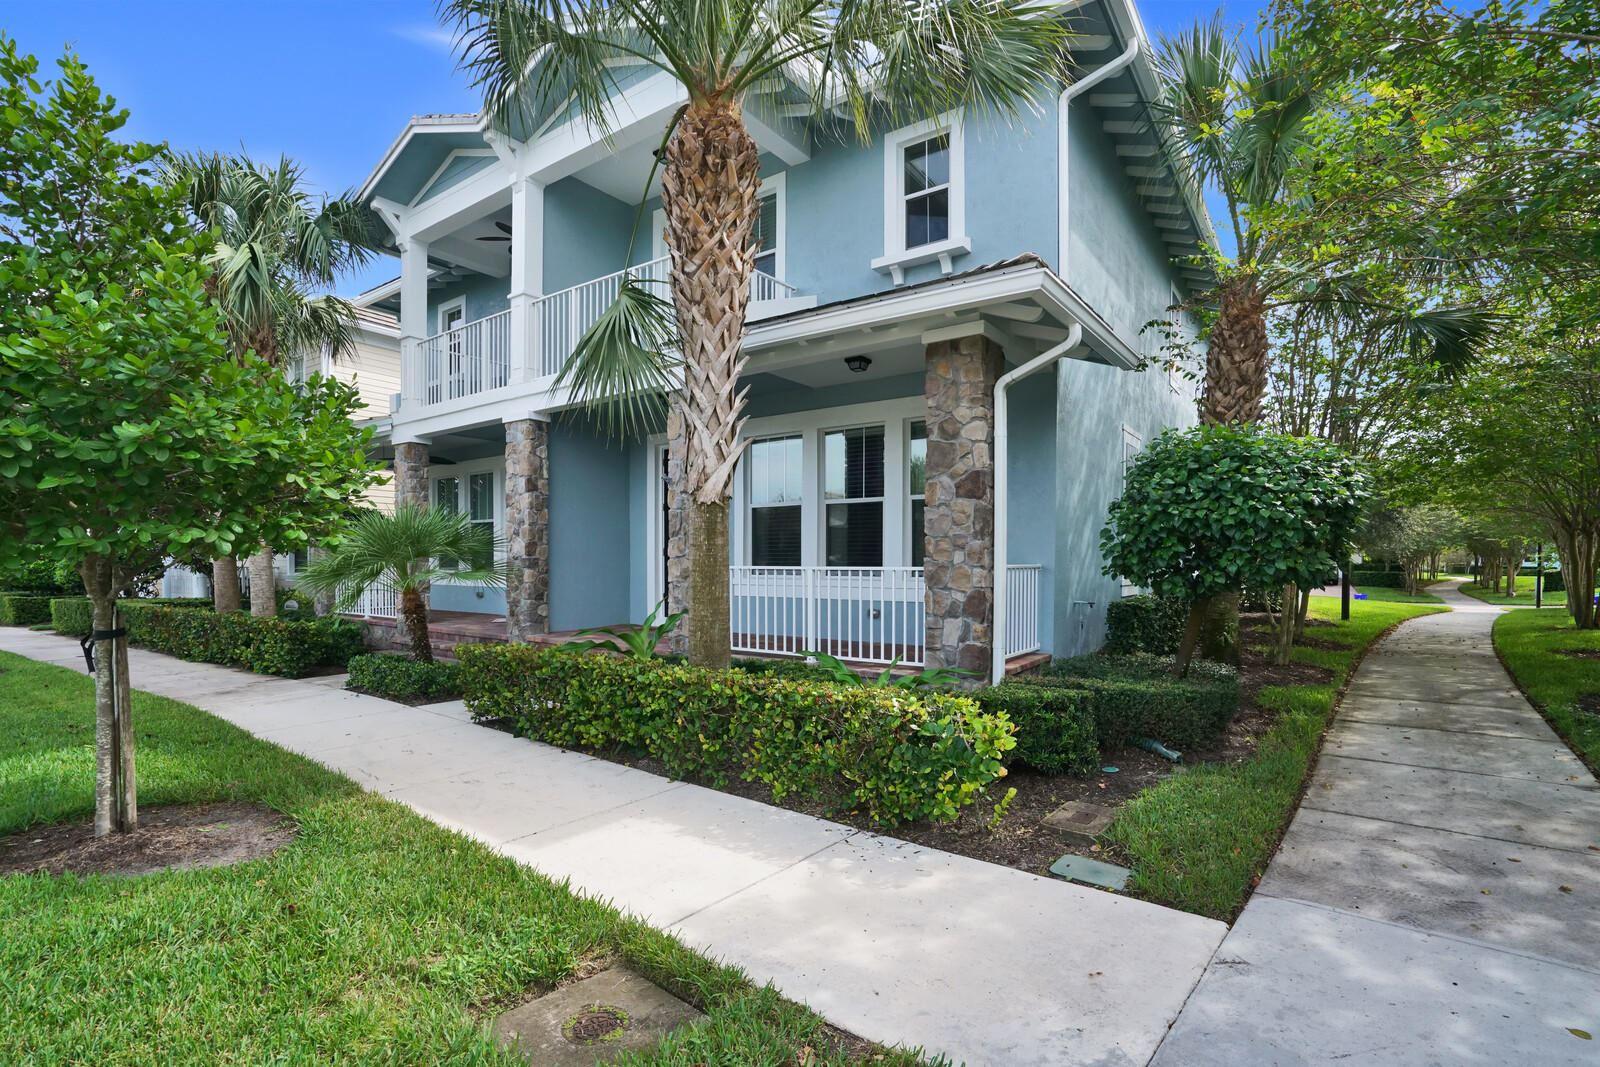 Photo of 1138 Sweet Hill Drive, Jupiter, FL 33458 (MLS # RX-10665814)